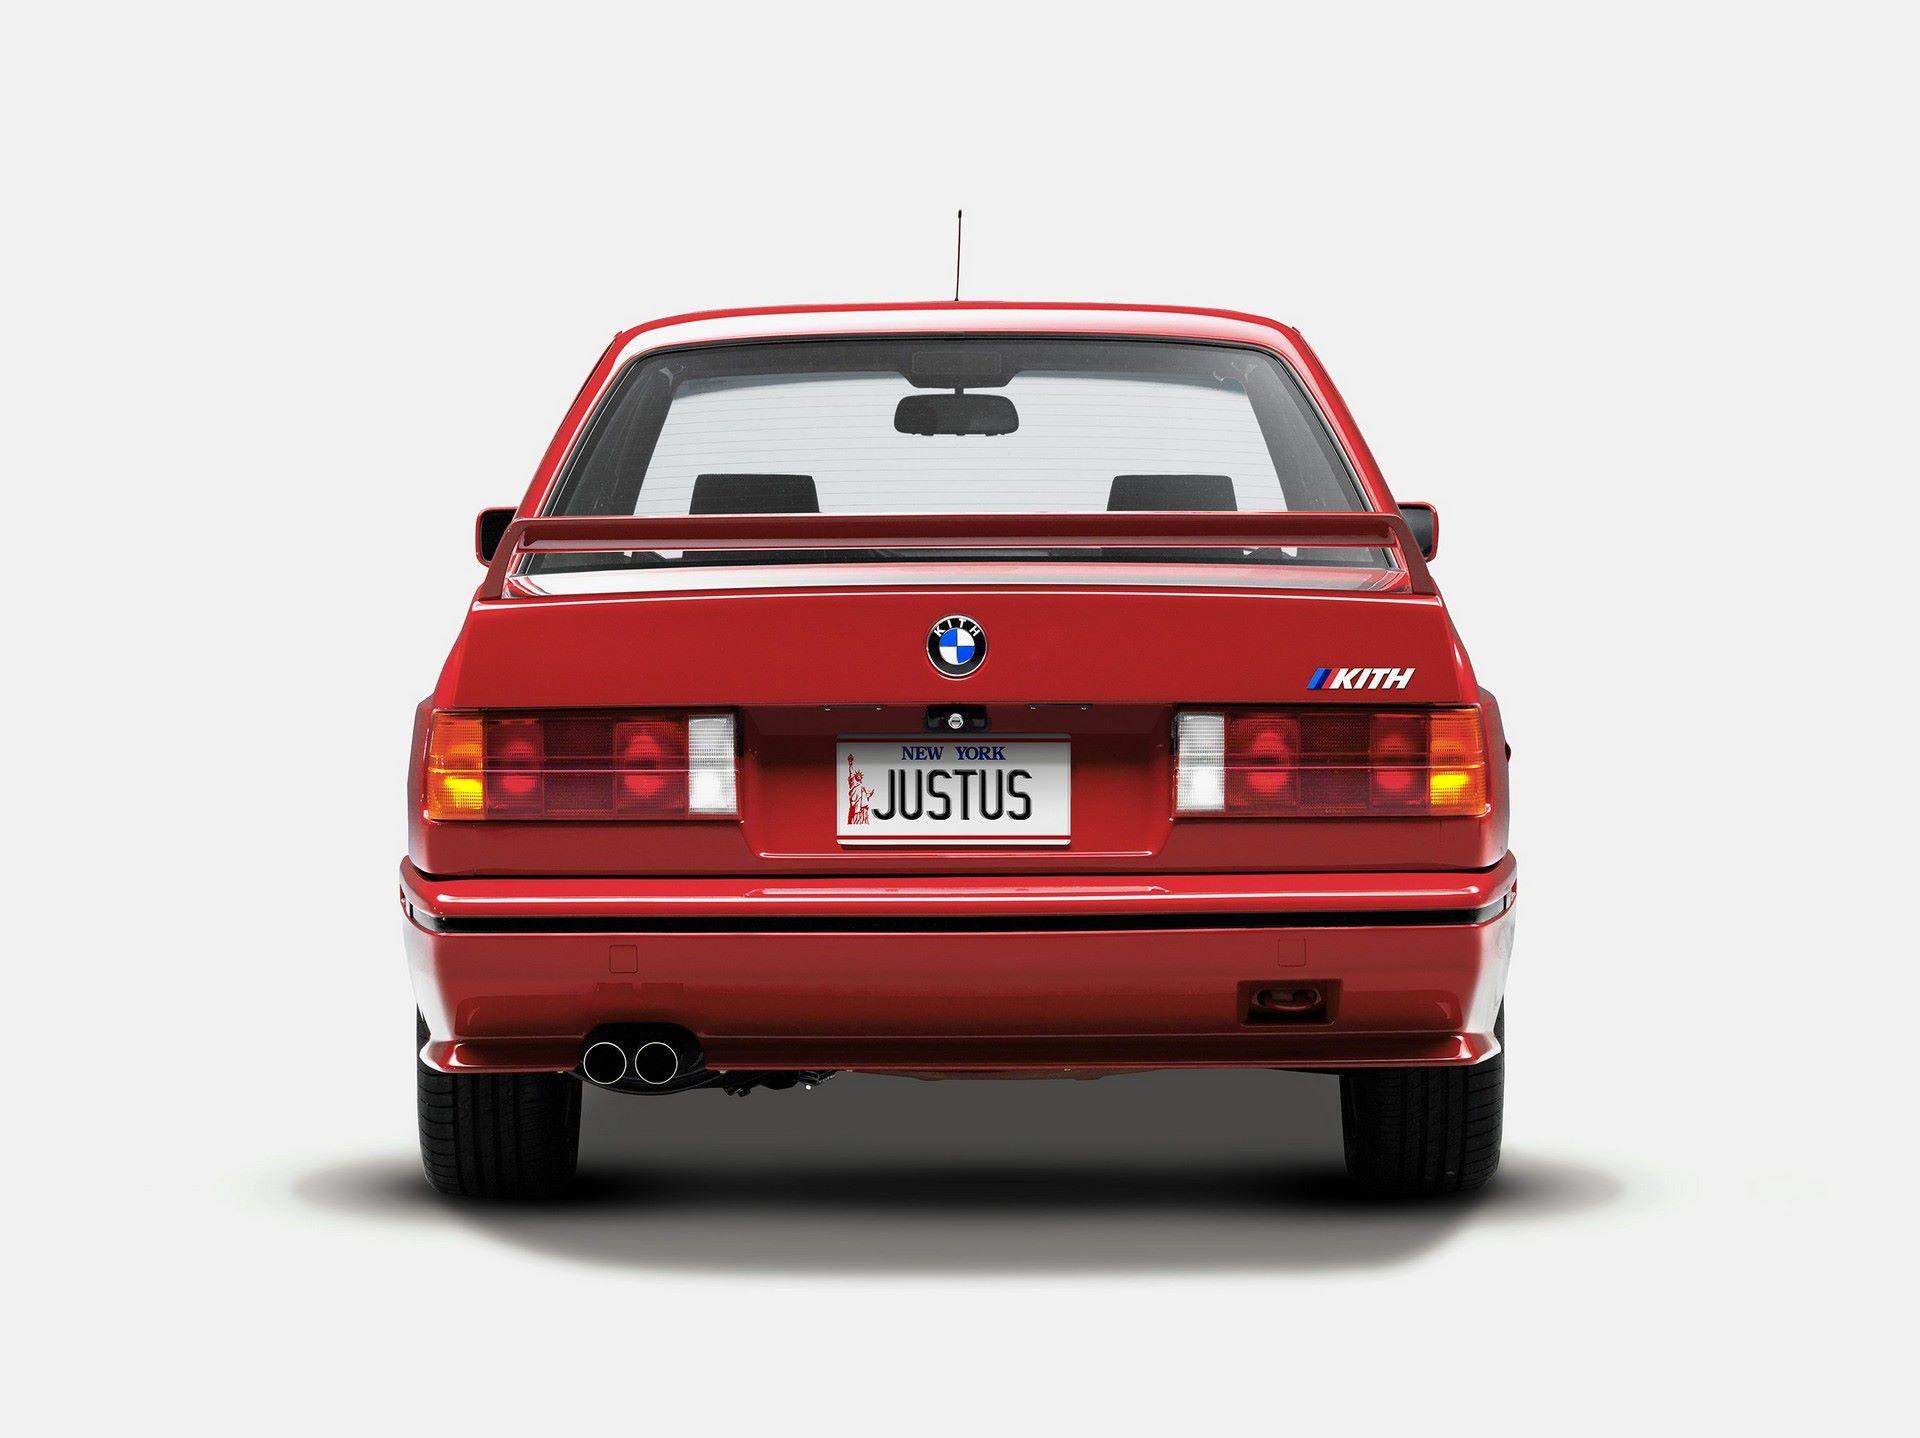 BMW-M3-E30-Ronnie-Fieg-Edition-και-M4-Kith-Concept-11